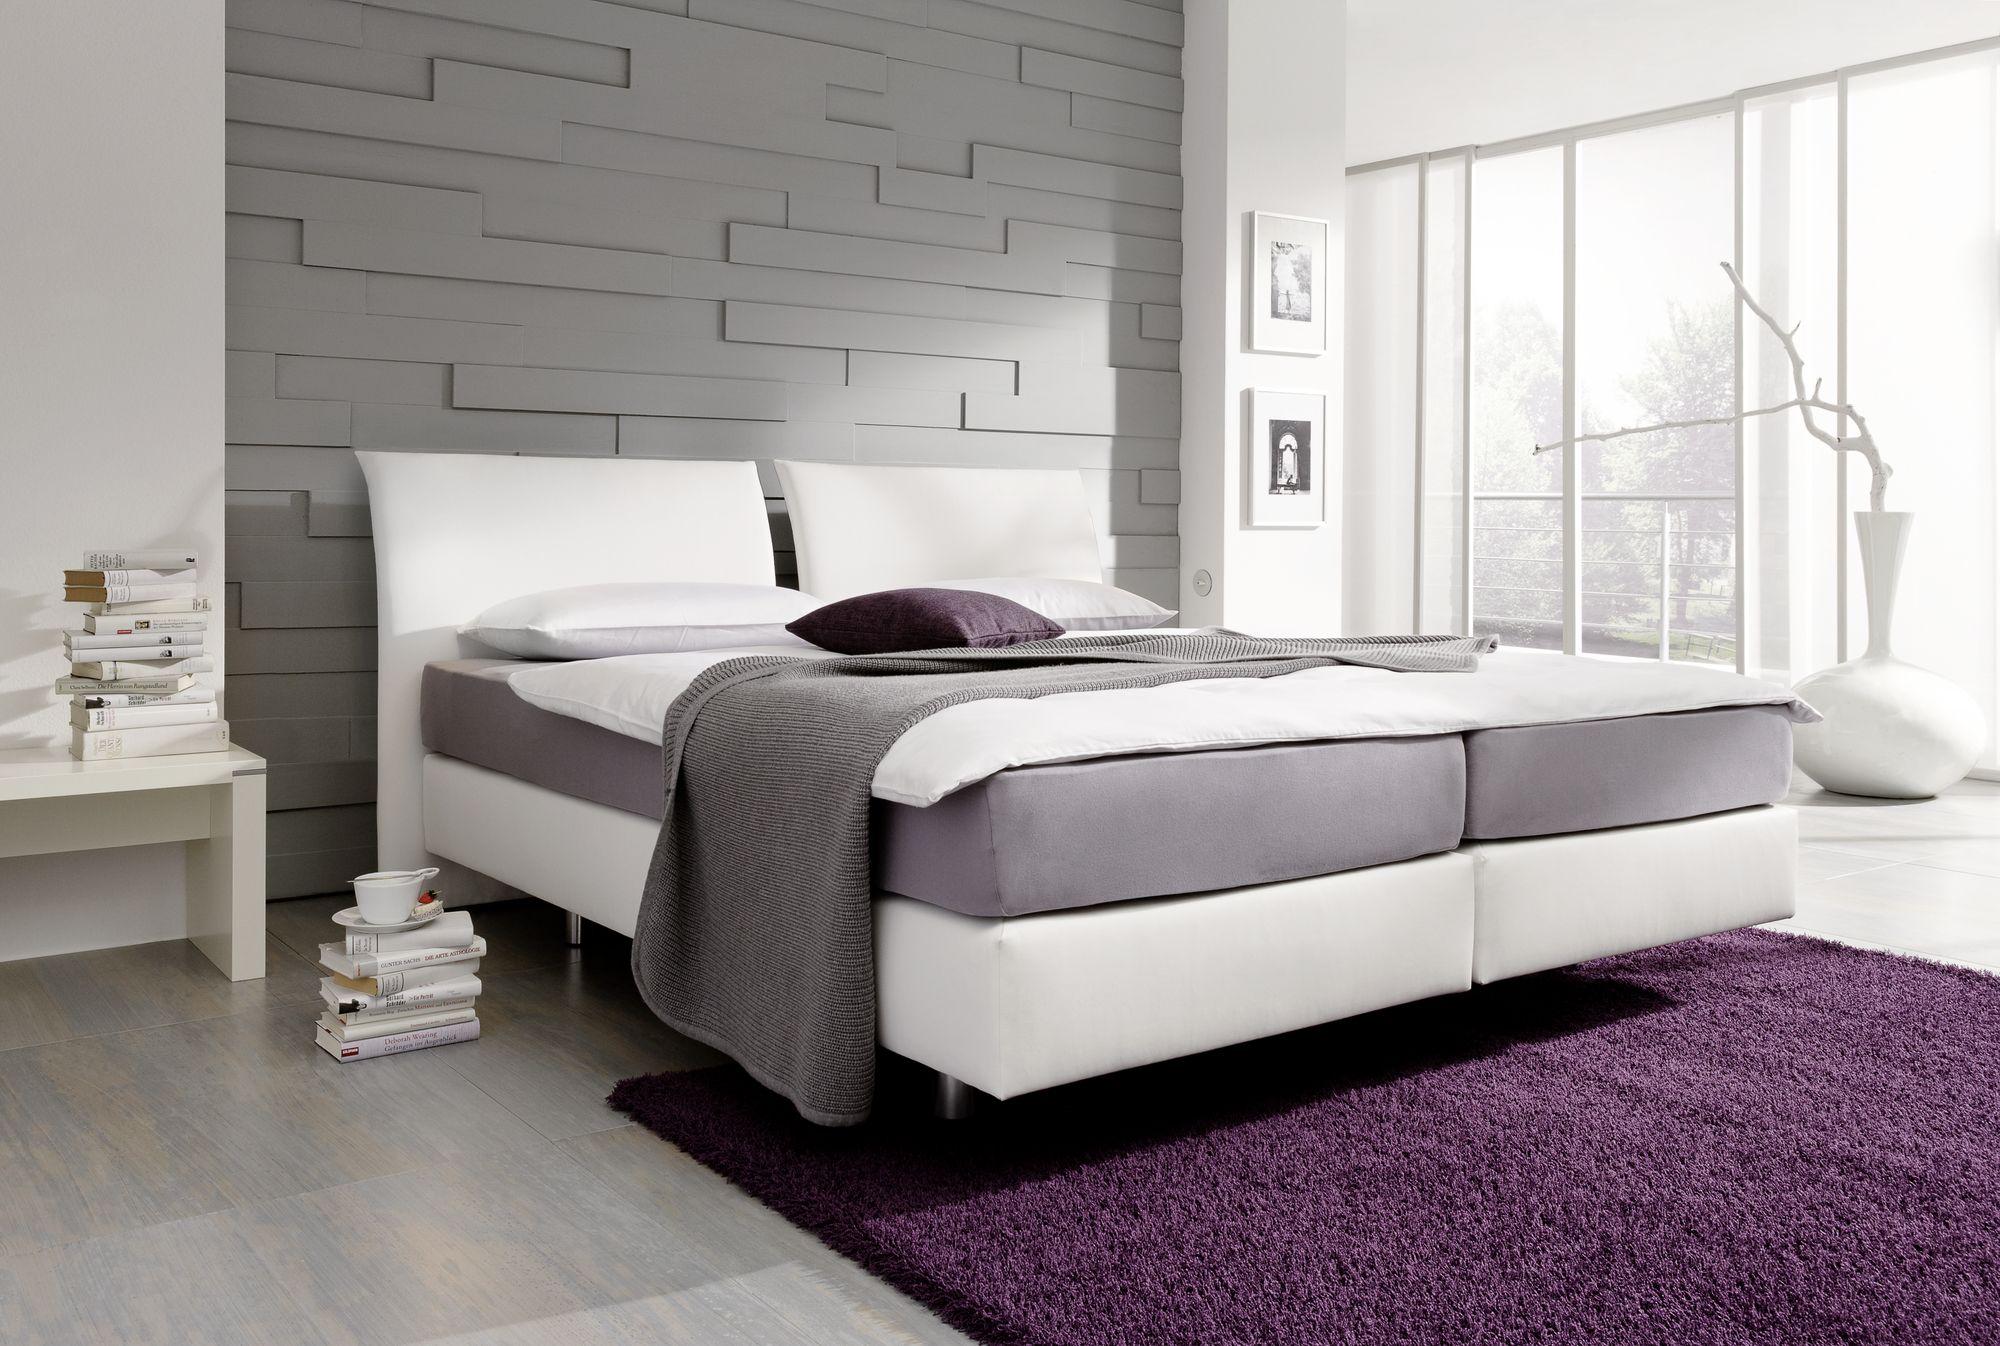 boxspring couture ein programm f r h chsten schlafkomfort schlaffabrik. Black Bedroom Furniture Sets. Home Design Ideas